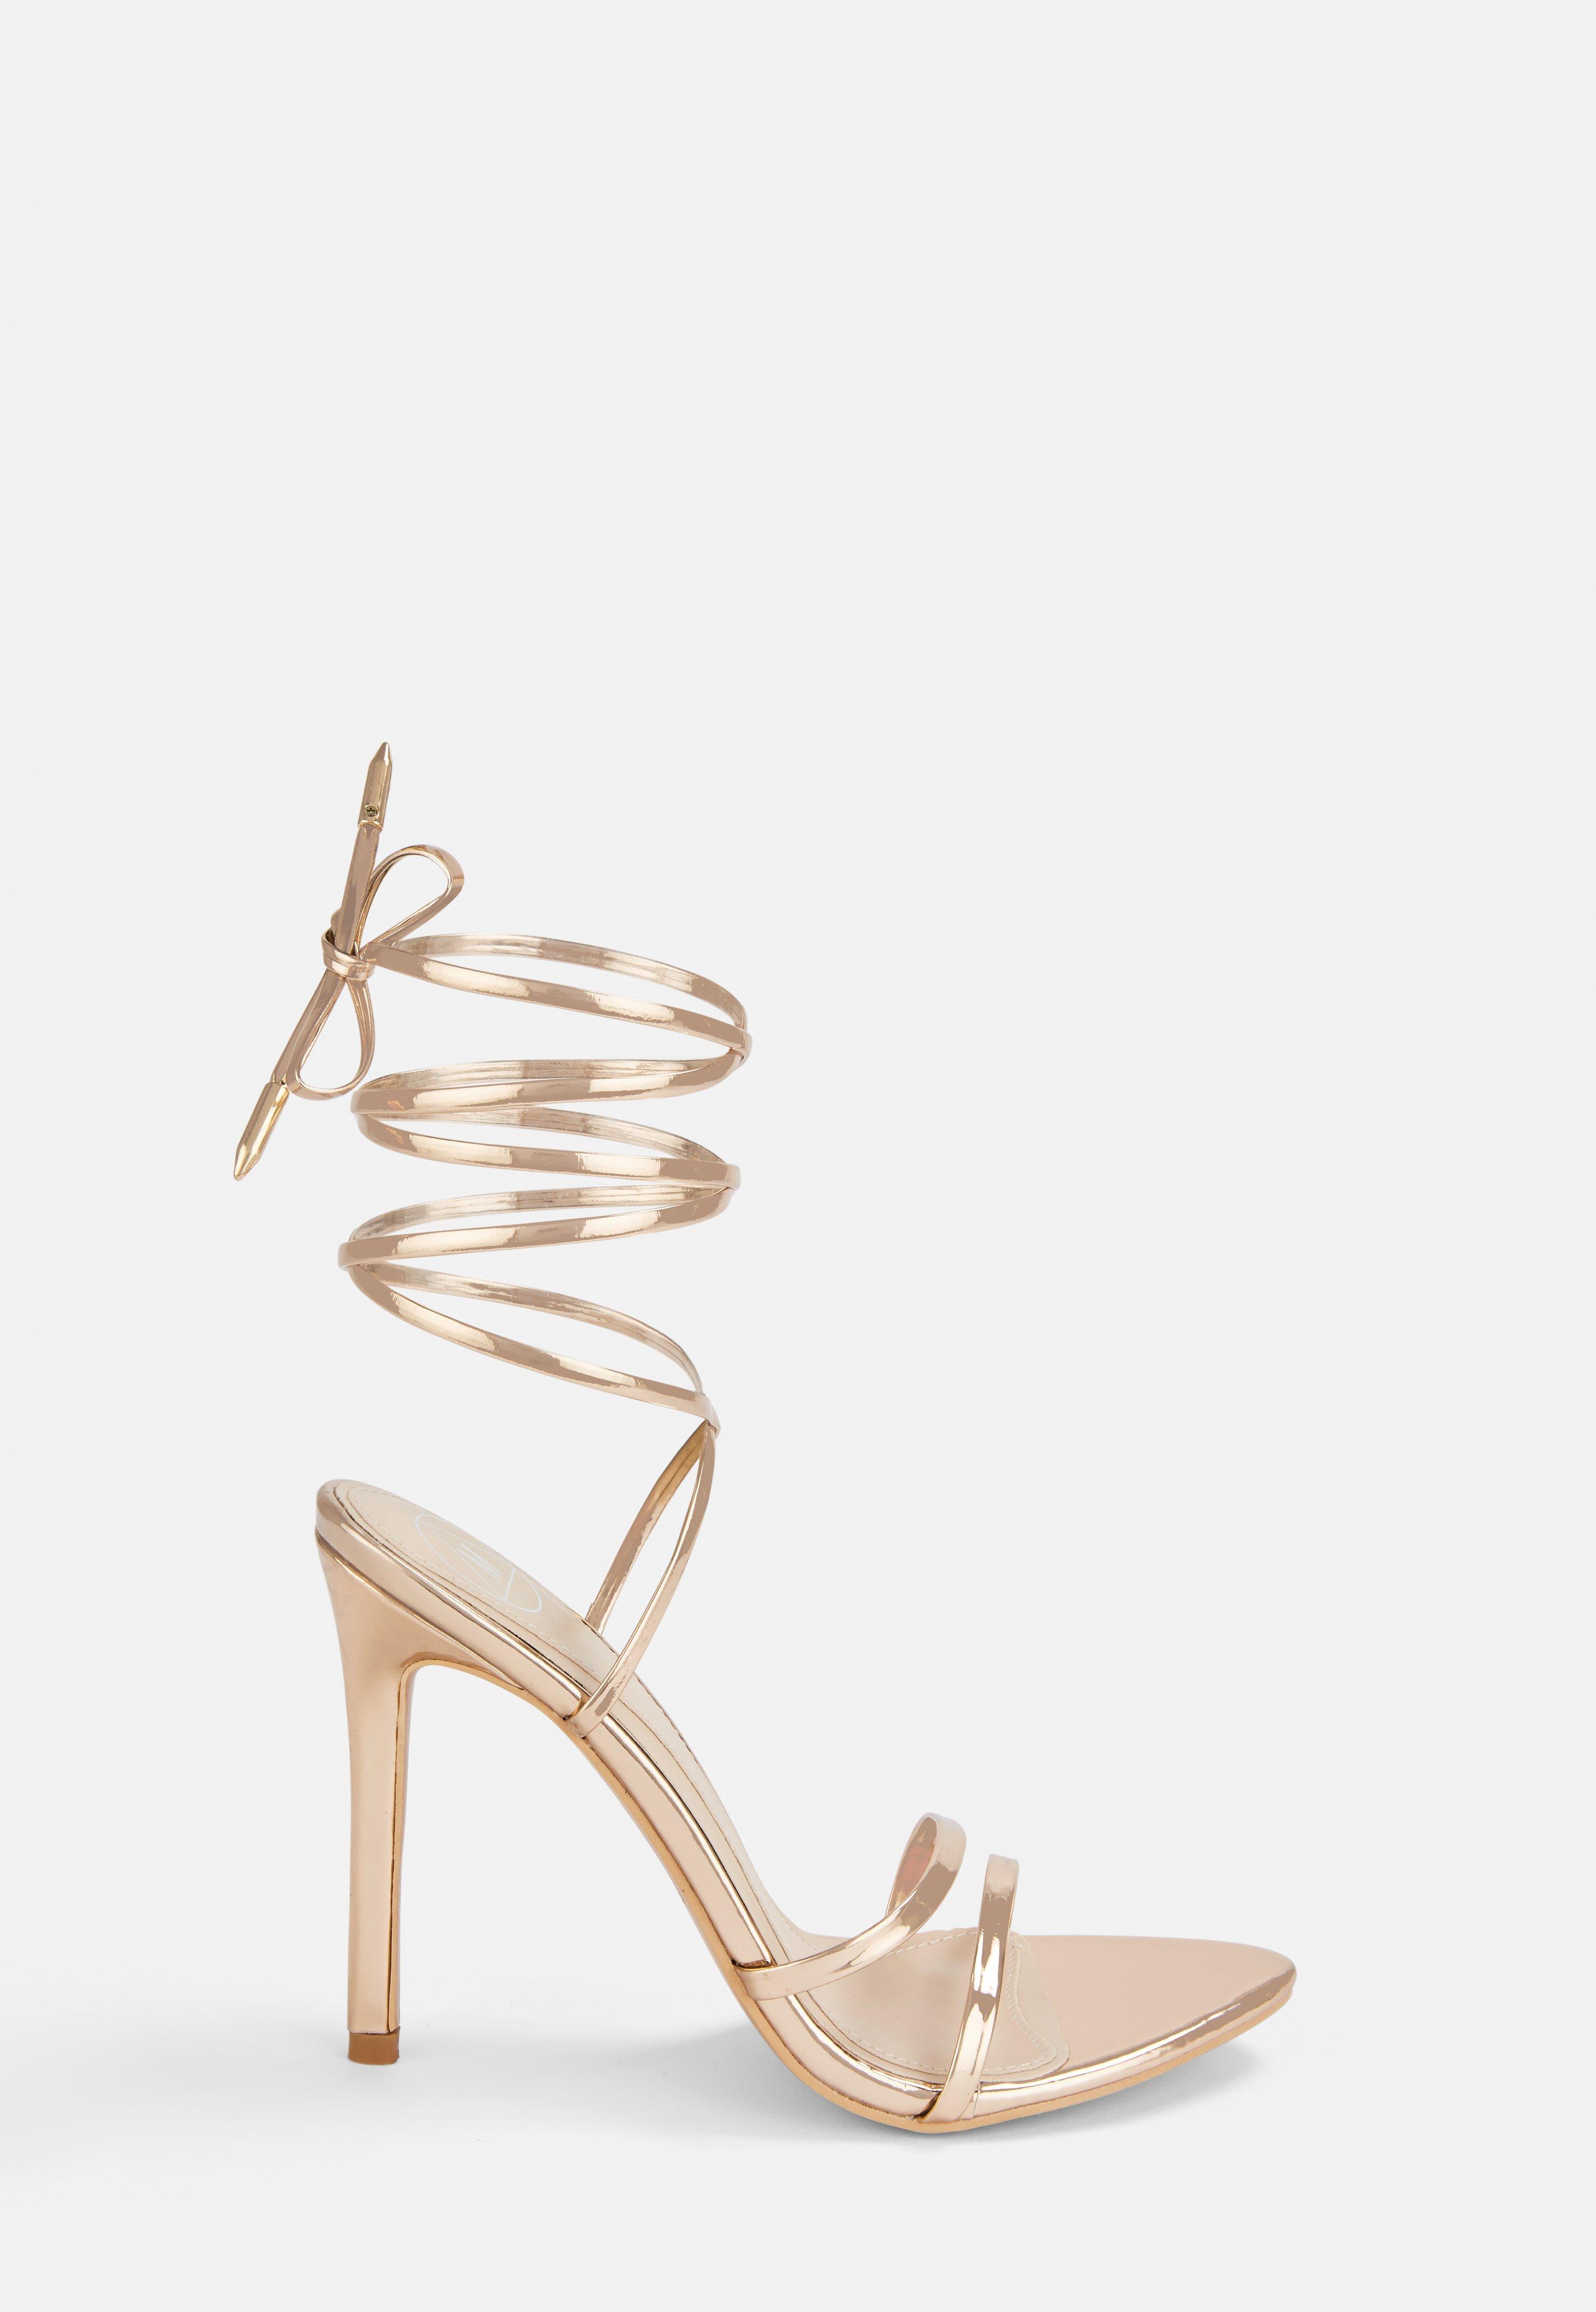 609b05ec1f7a02 High Heels - Hohe Schuhe und Stilettos online kaufen - Missguided DE